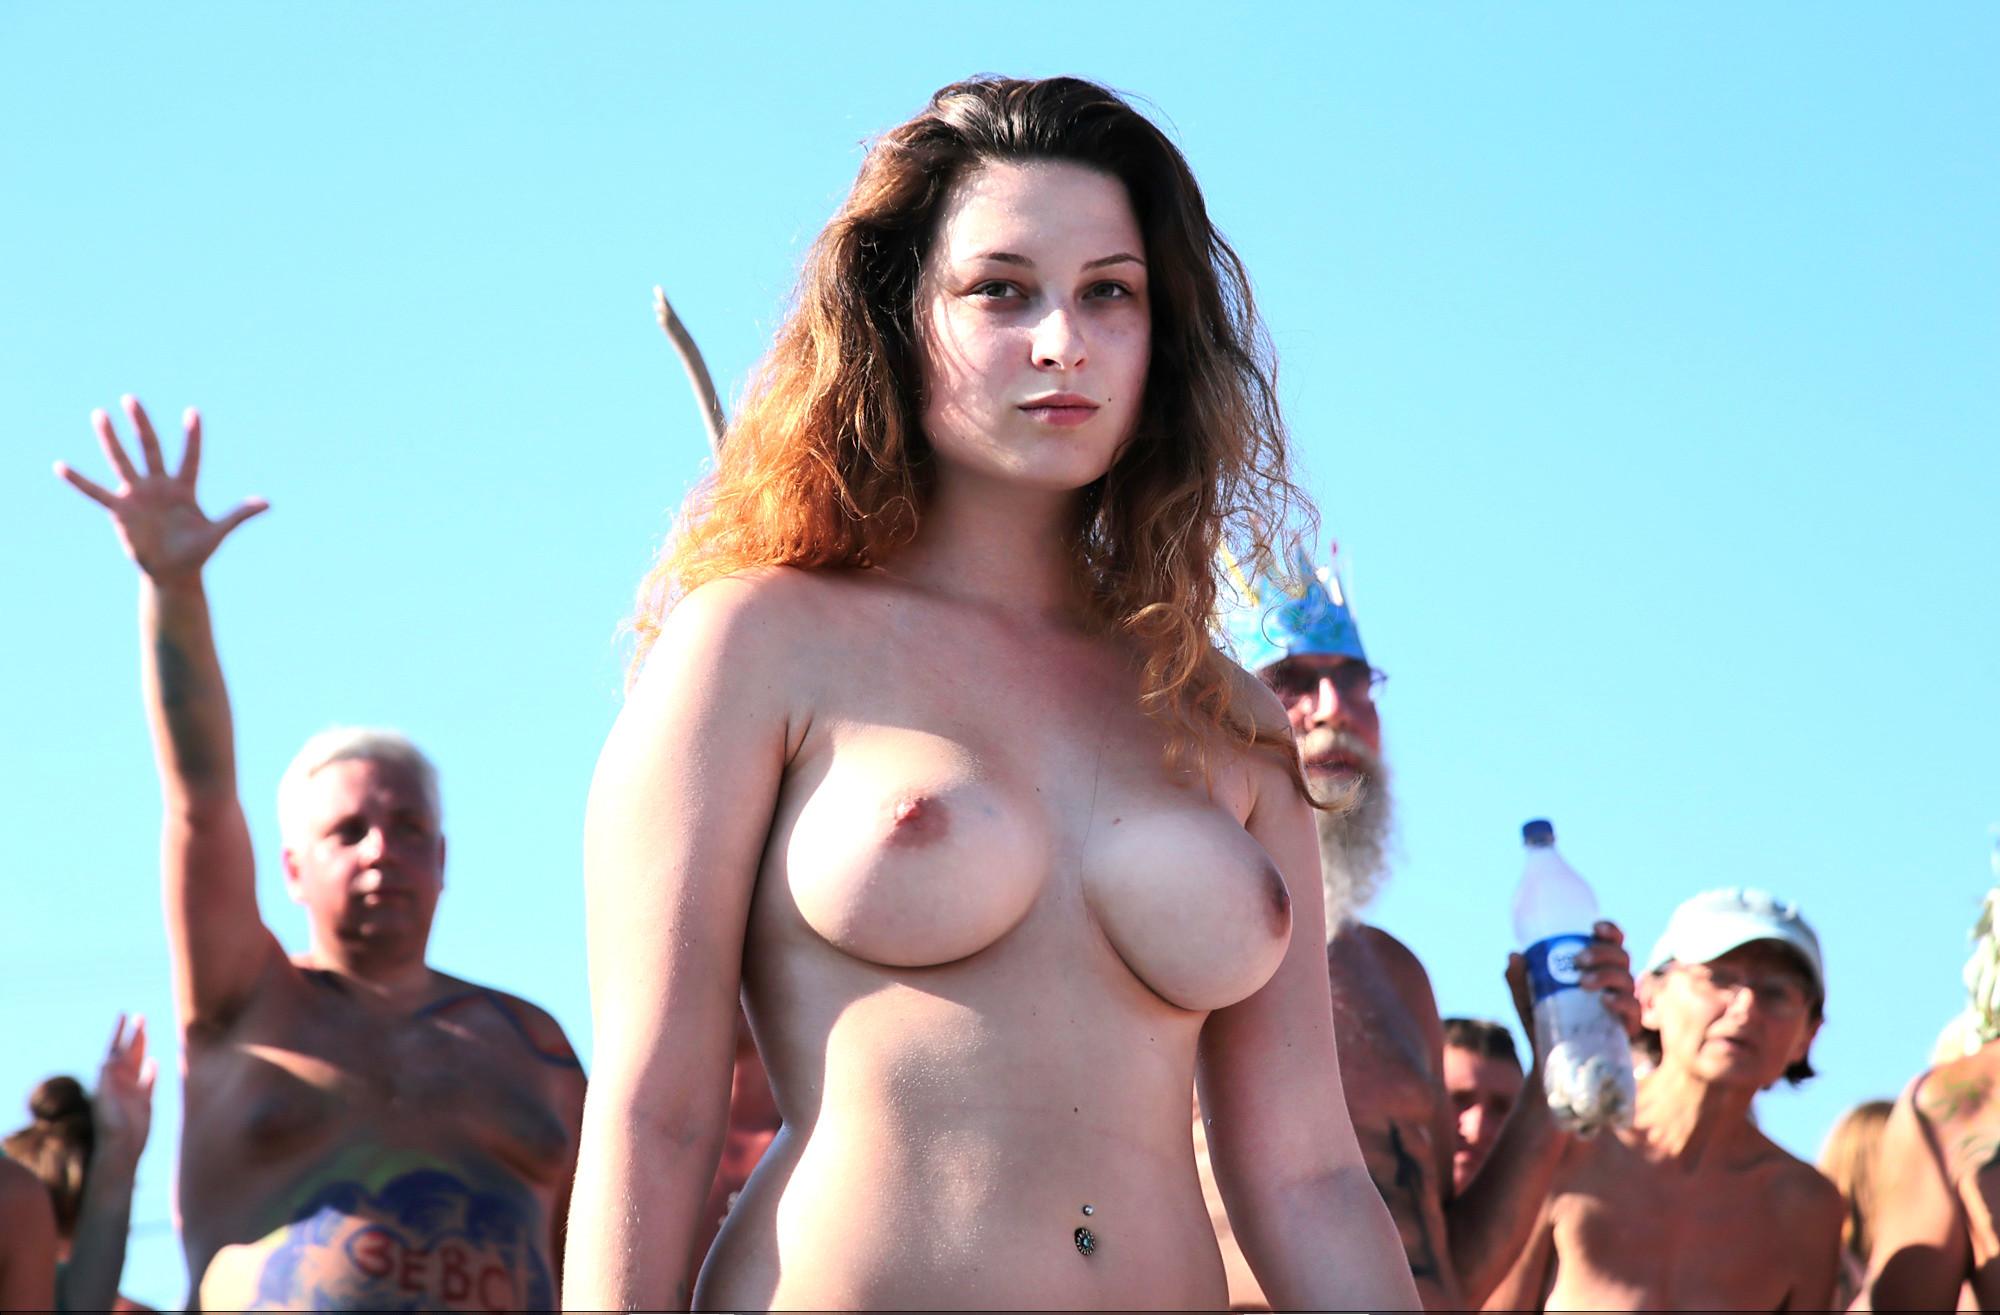 На нудистком пляже много голых девушек, которые с удовольствием показывают себя окружающим